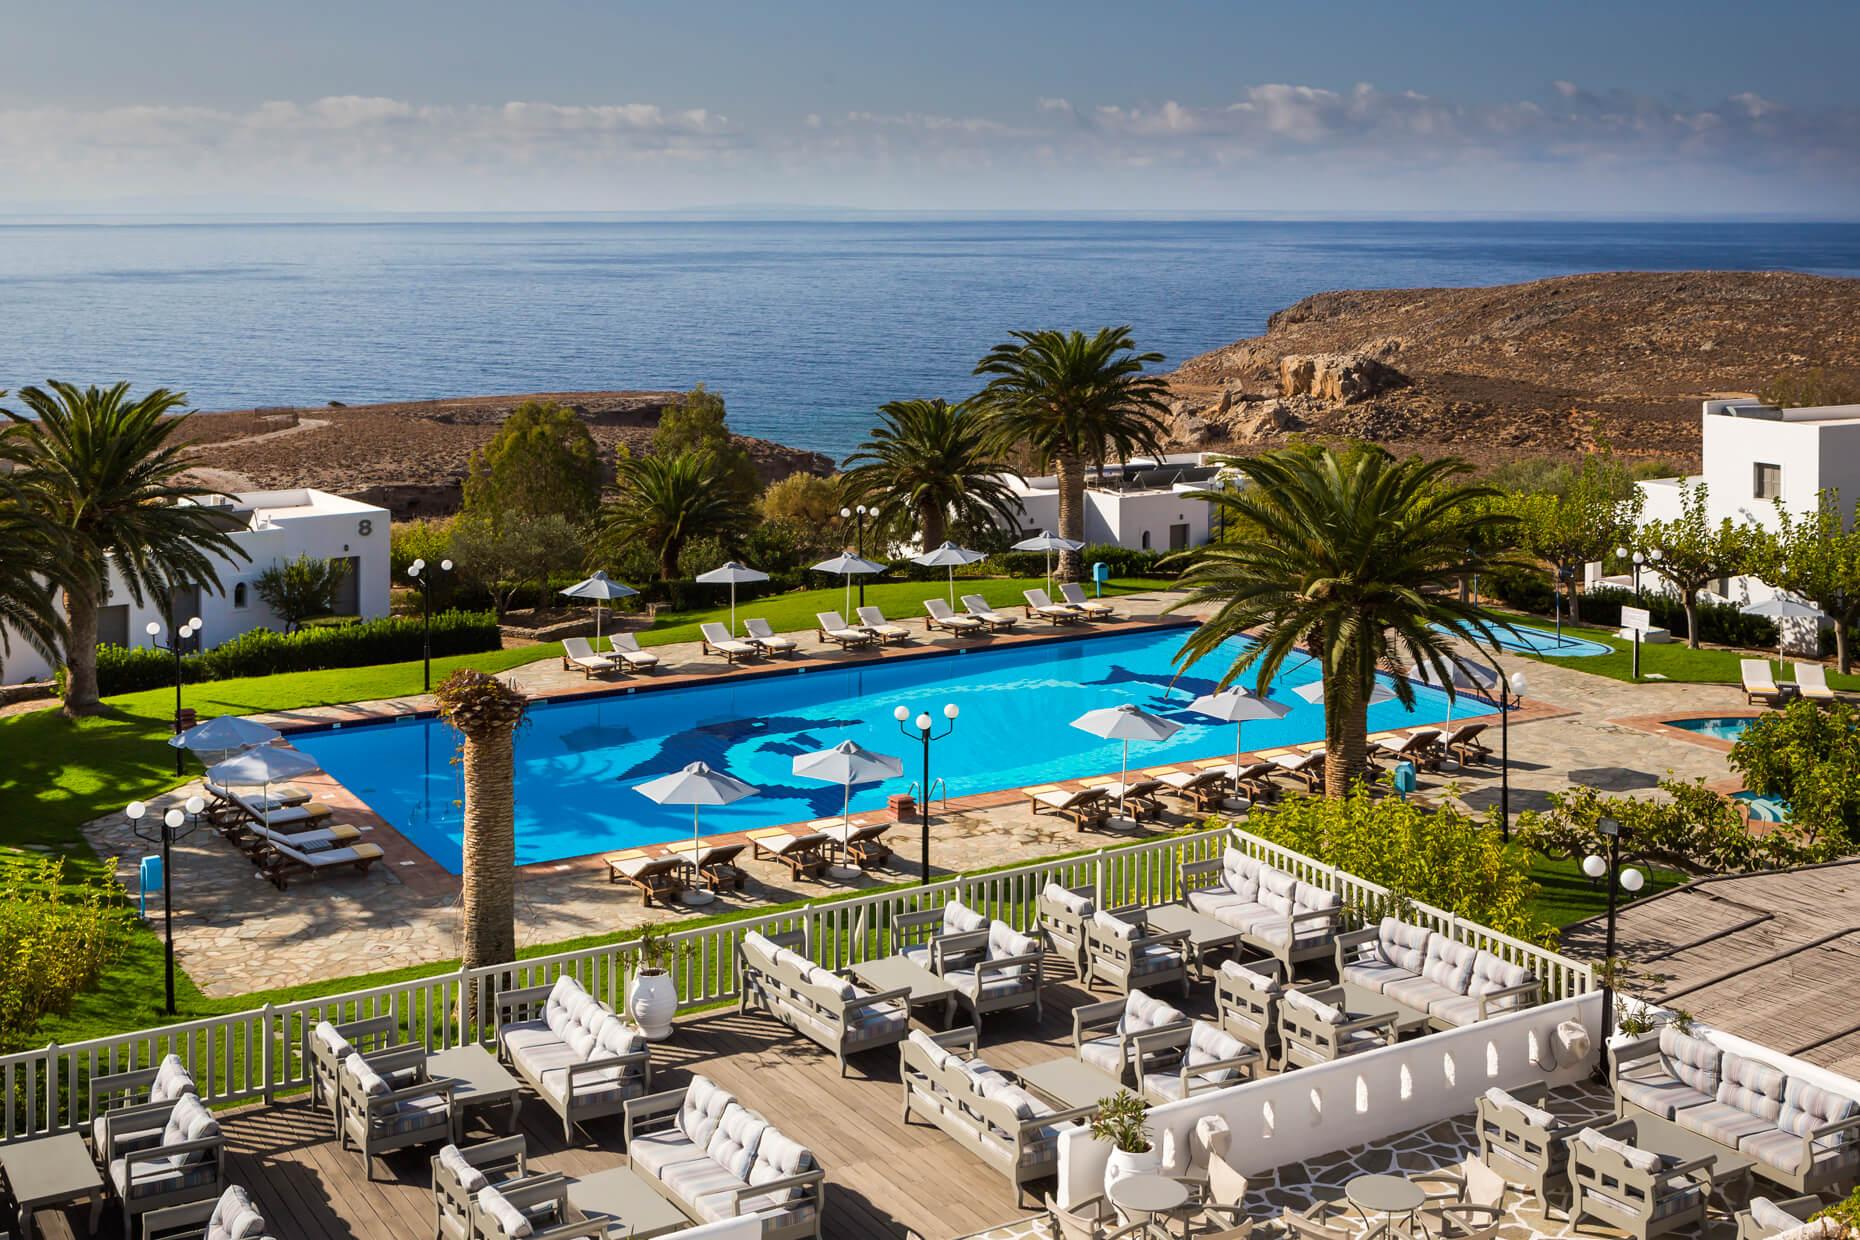 https://www.vritomartis.fr/wp-content/uploads/vritomartis-nudist-resort-pool-6.jpg